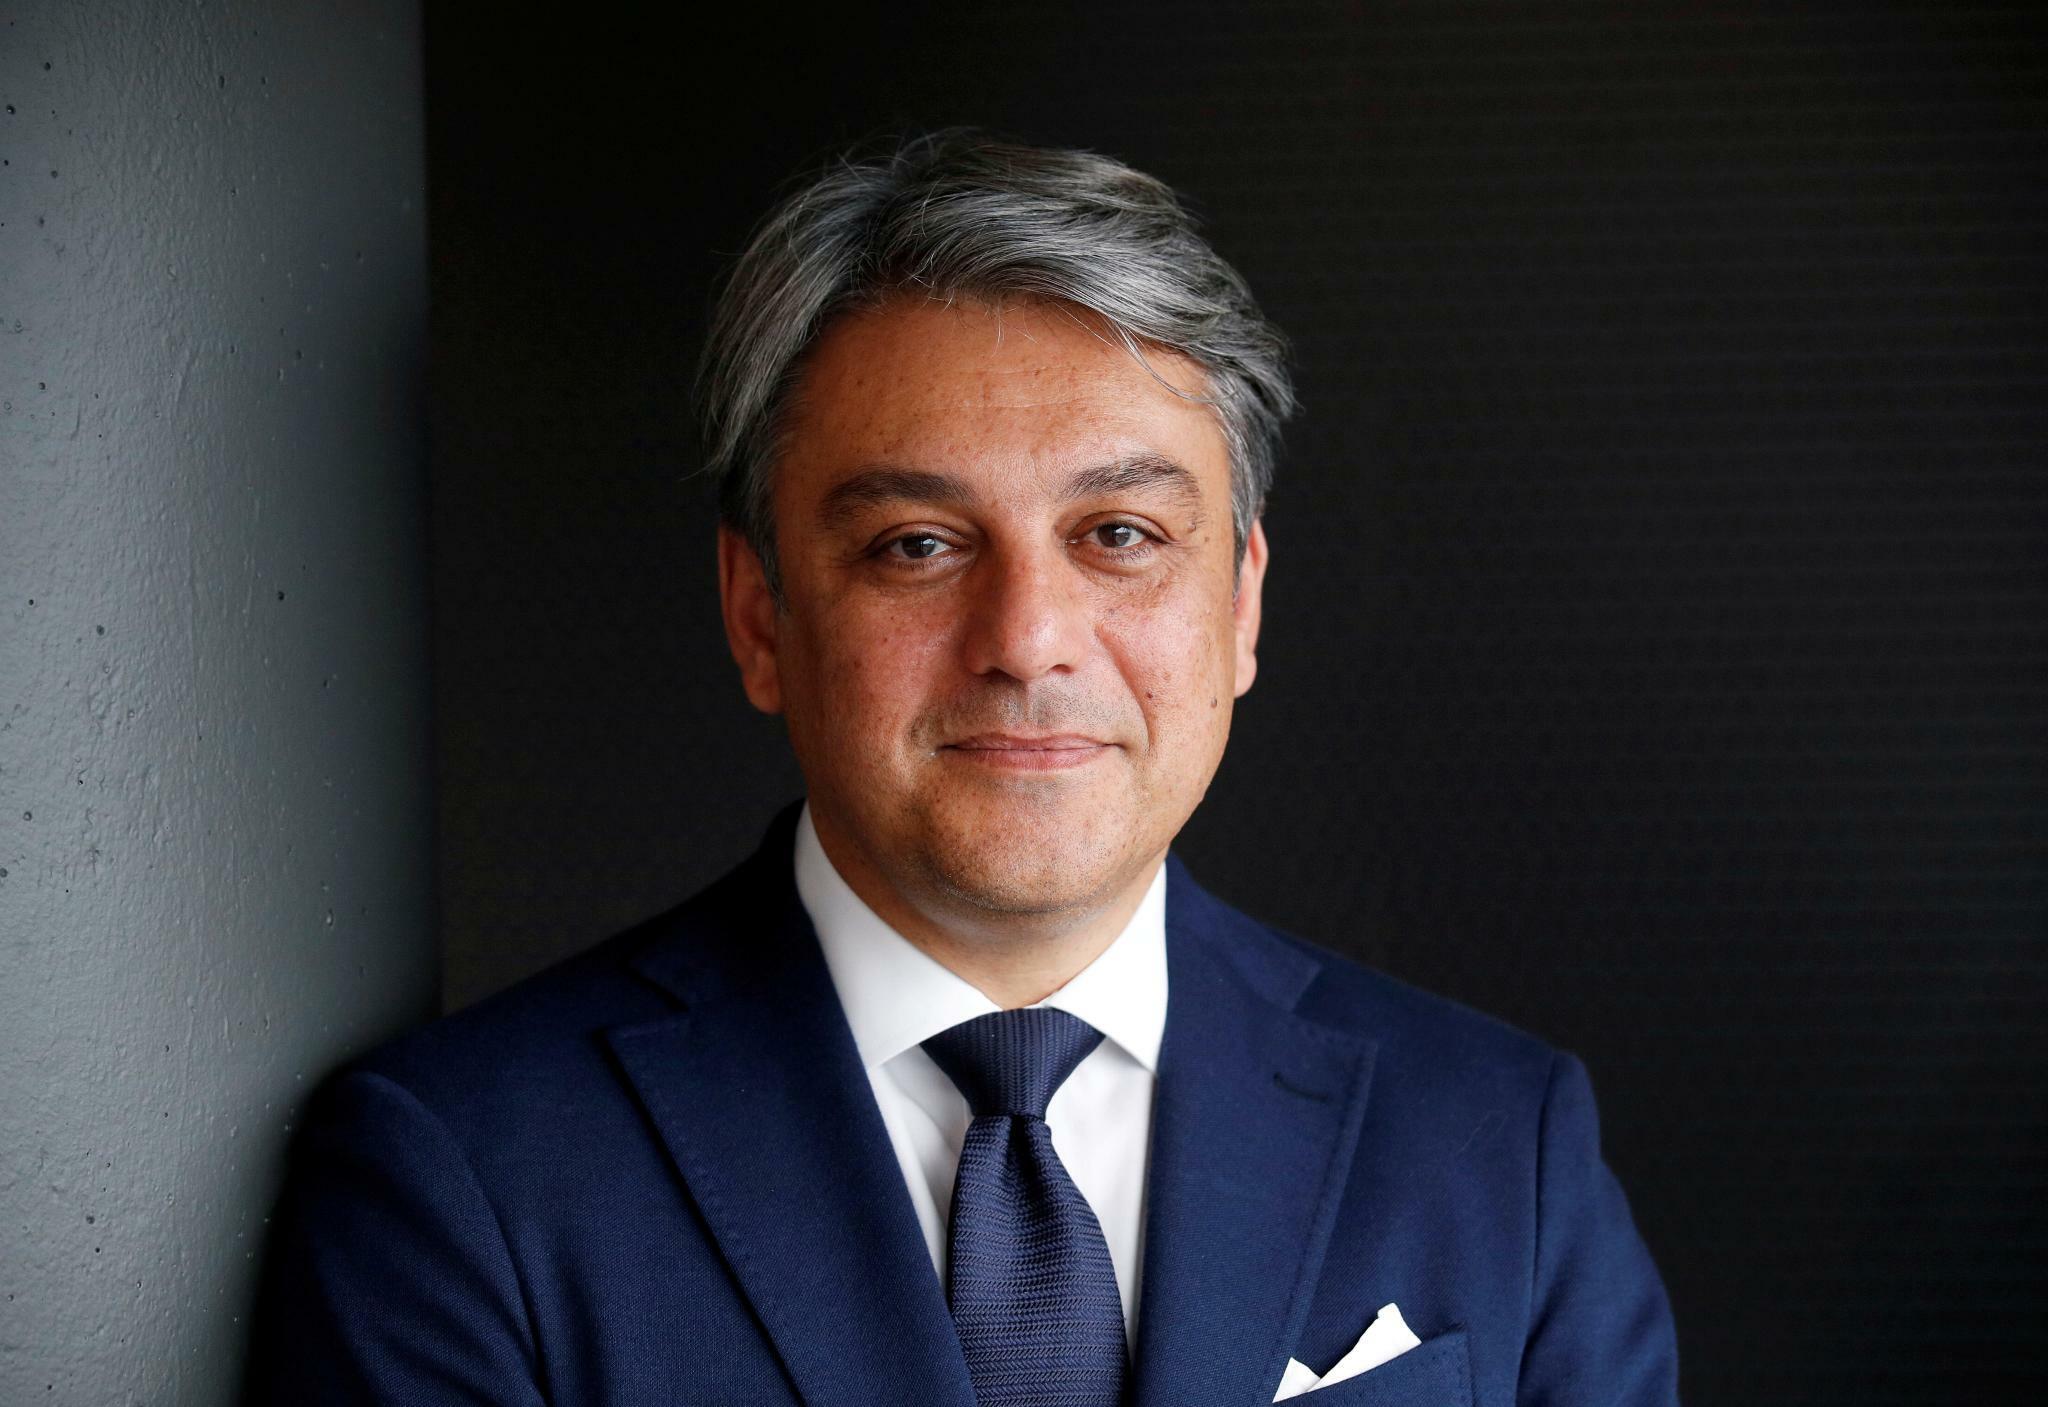 Früherer Seat-Chef: Renault ernennt Luca de Meo zum neuen Vorstandschef